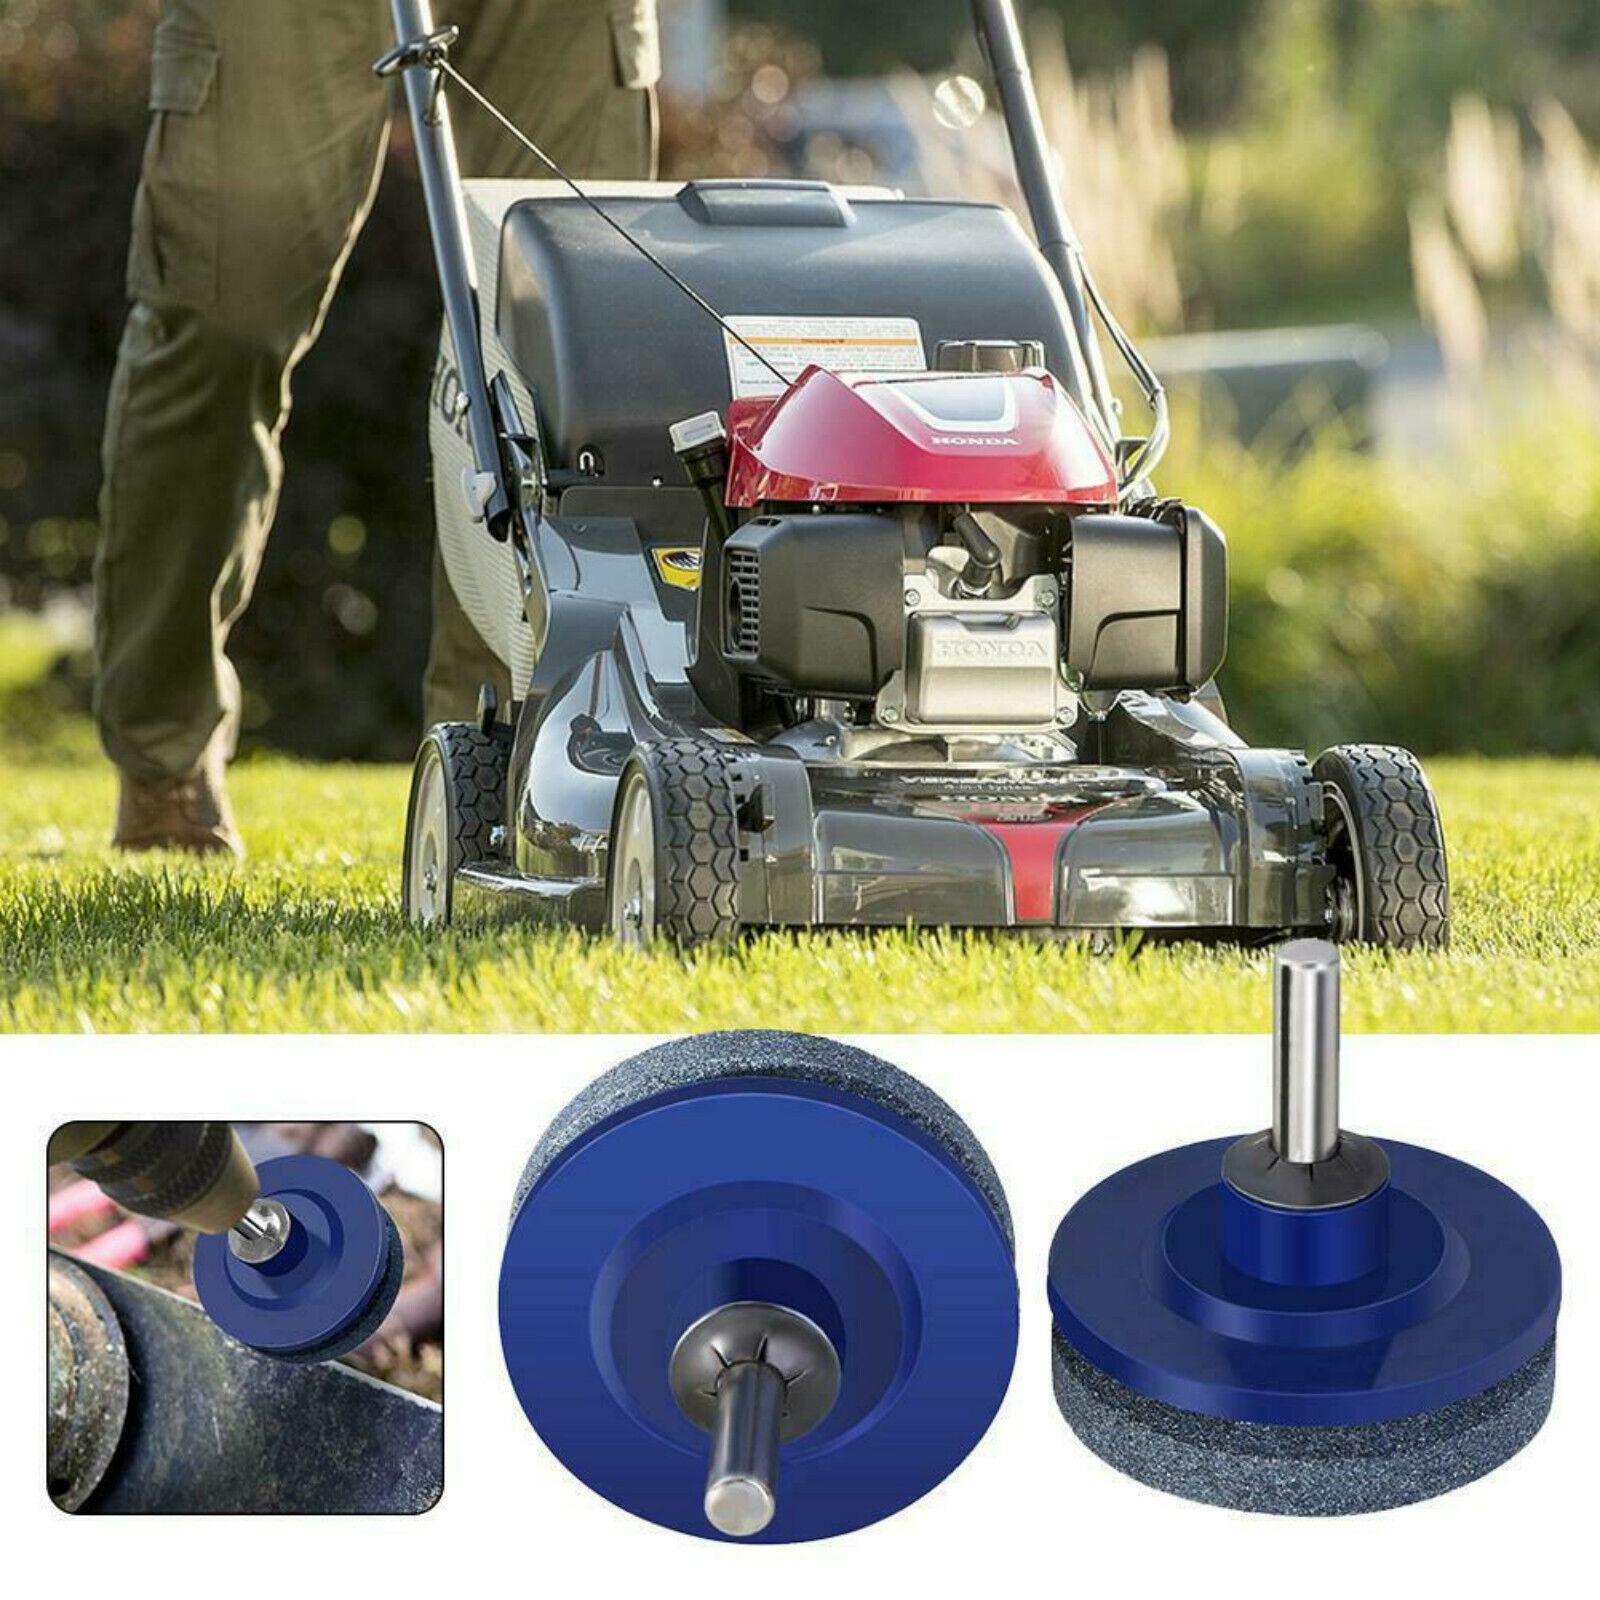 Universal Lawn Mower Faster Blade Sharpener Grinding Drill Garden Power Kit D9Z1